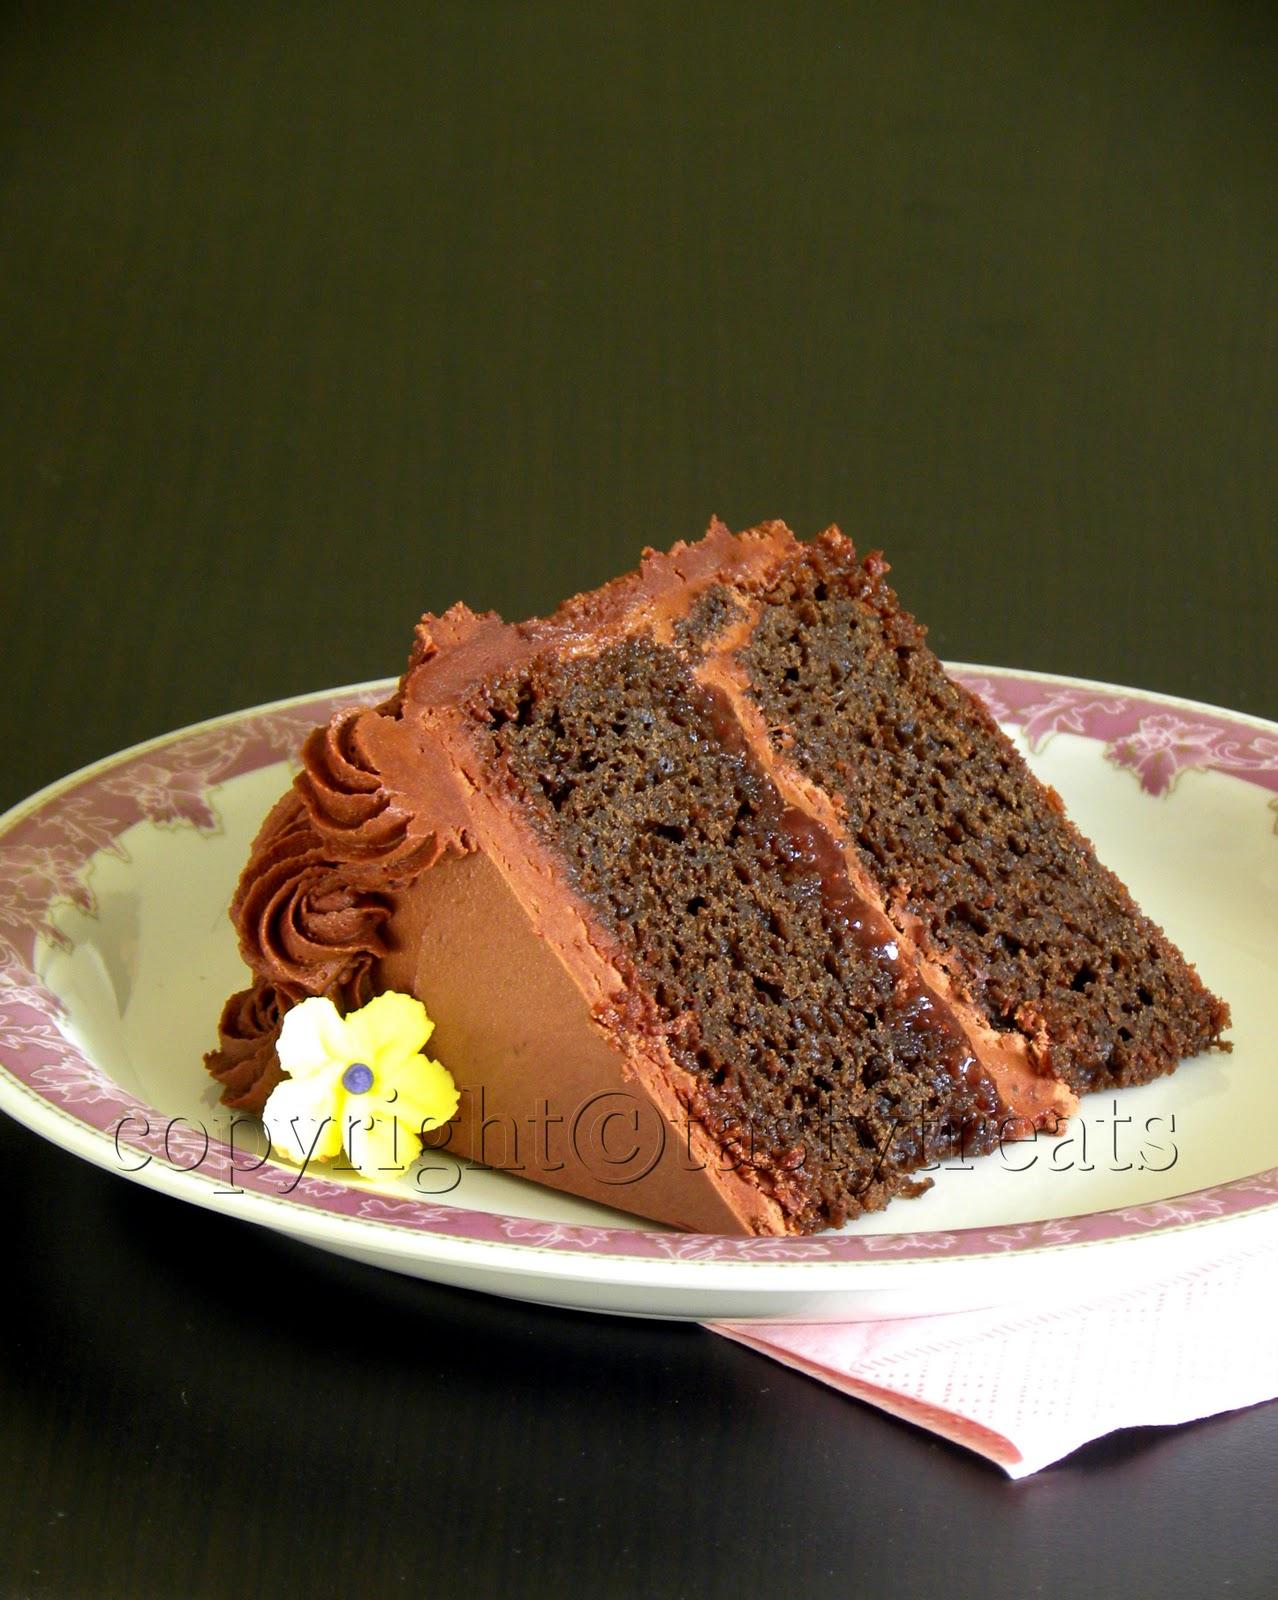 Chocolate Cake Icing Tarla Dalal